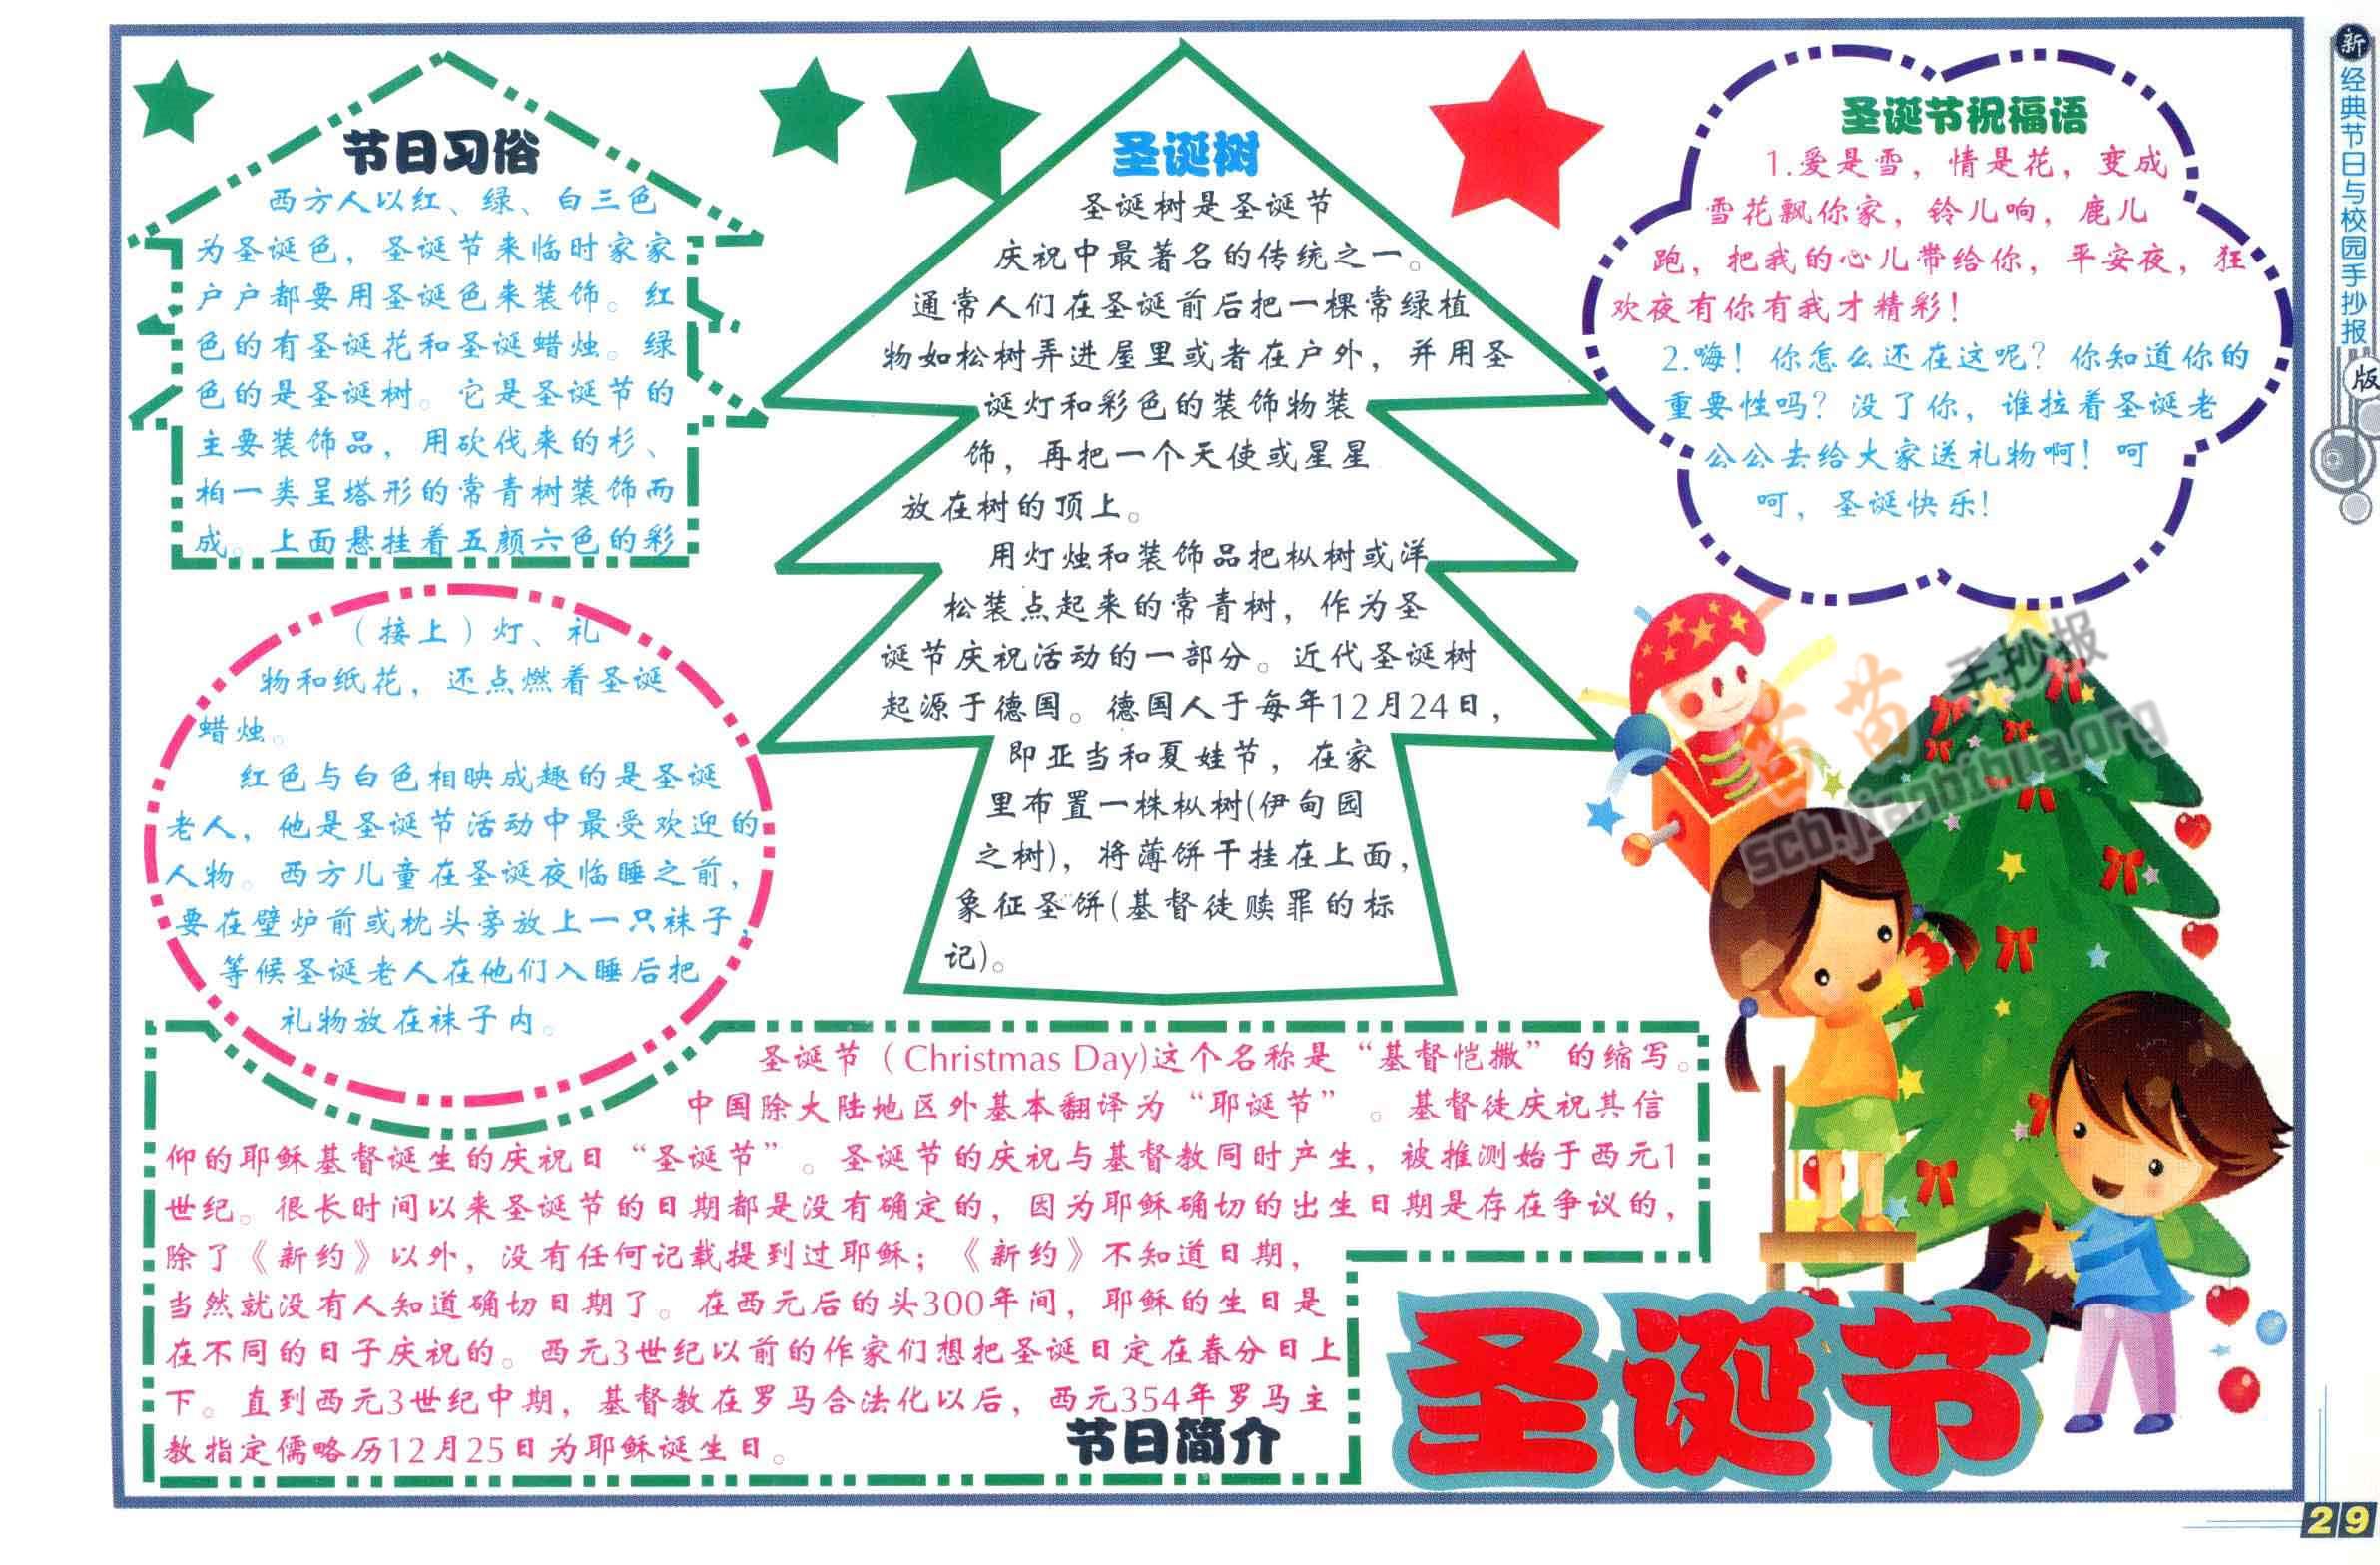 圣诞节手抄报简单又漂亮图片、内容